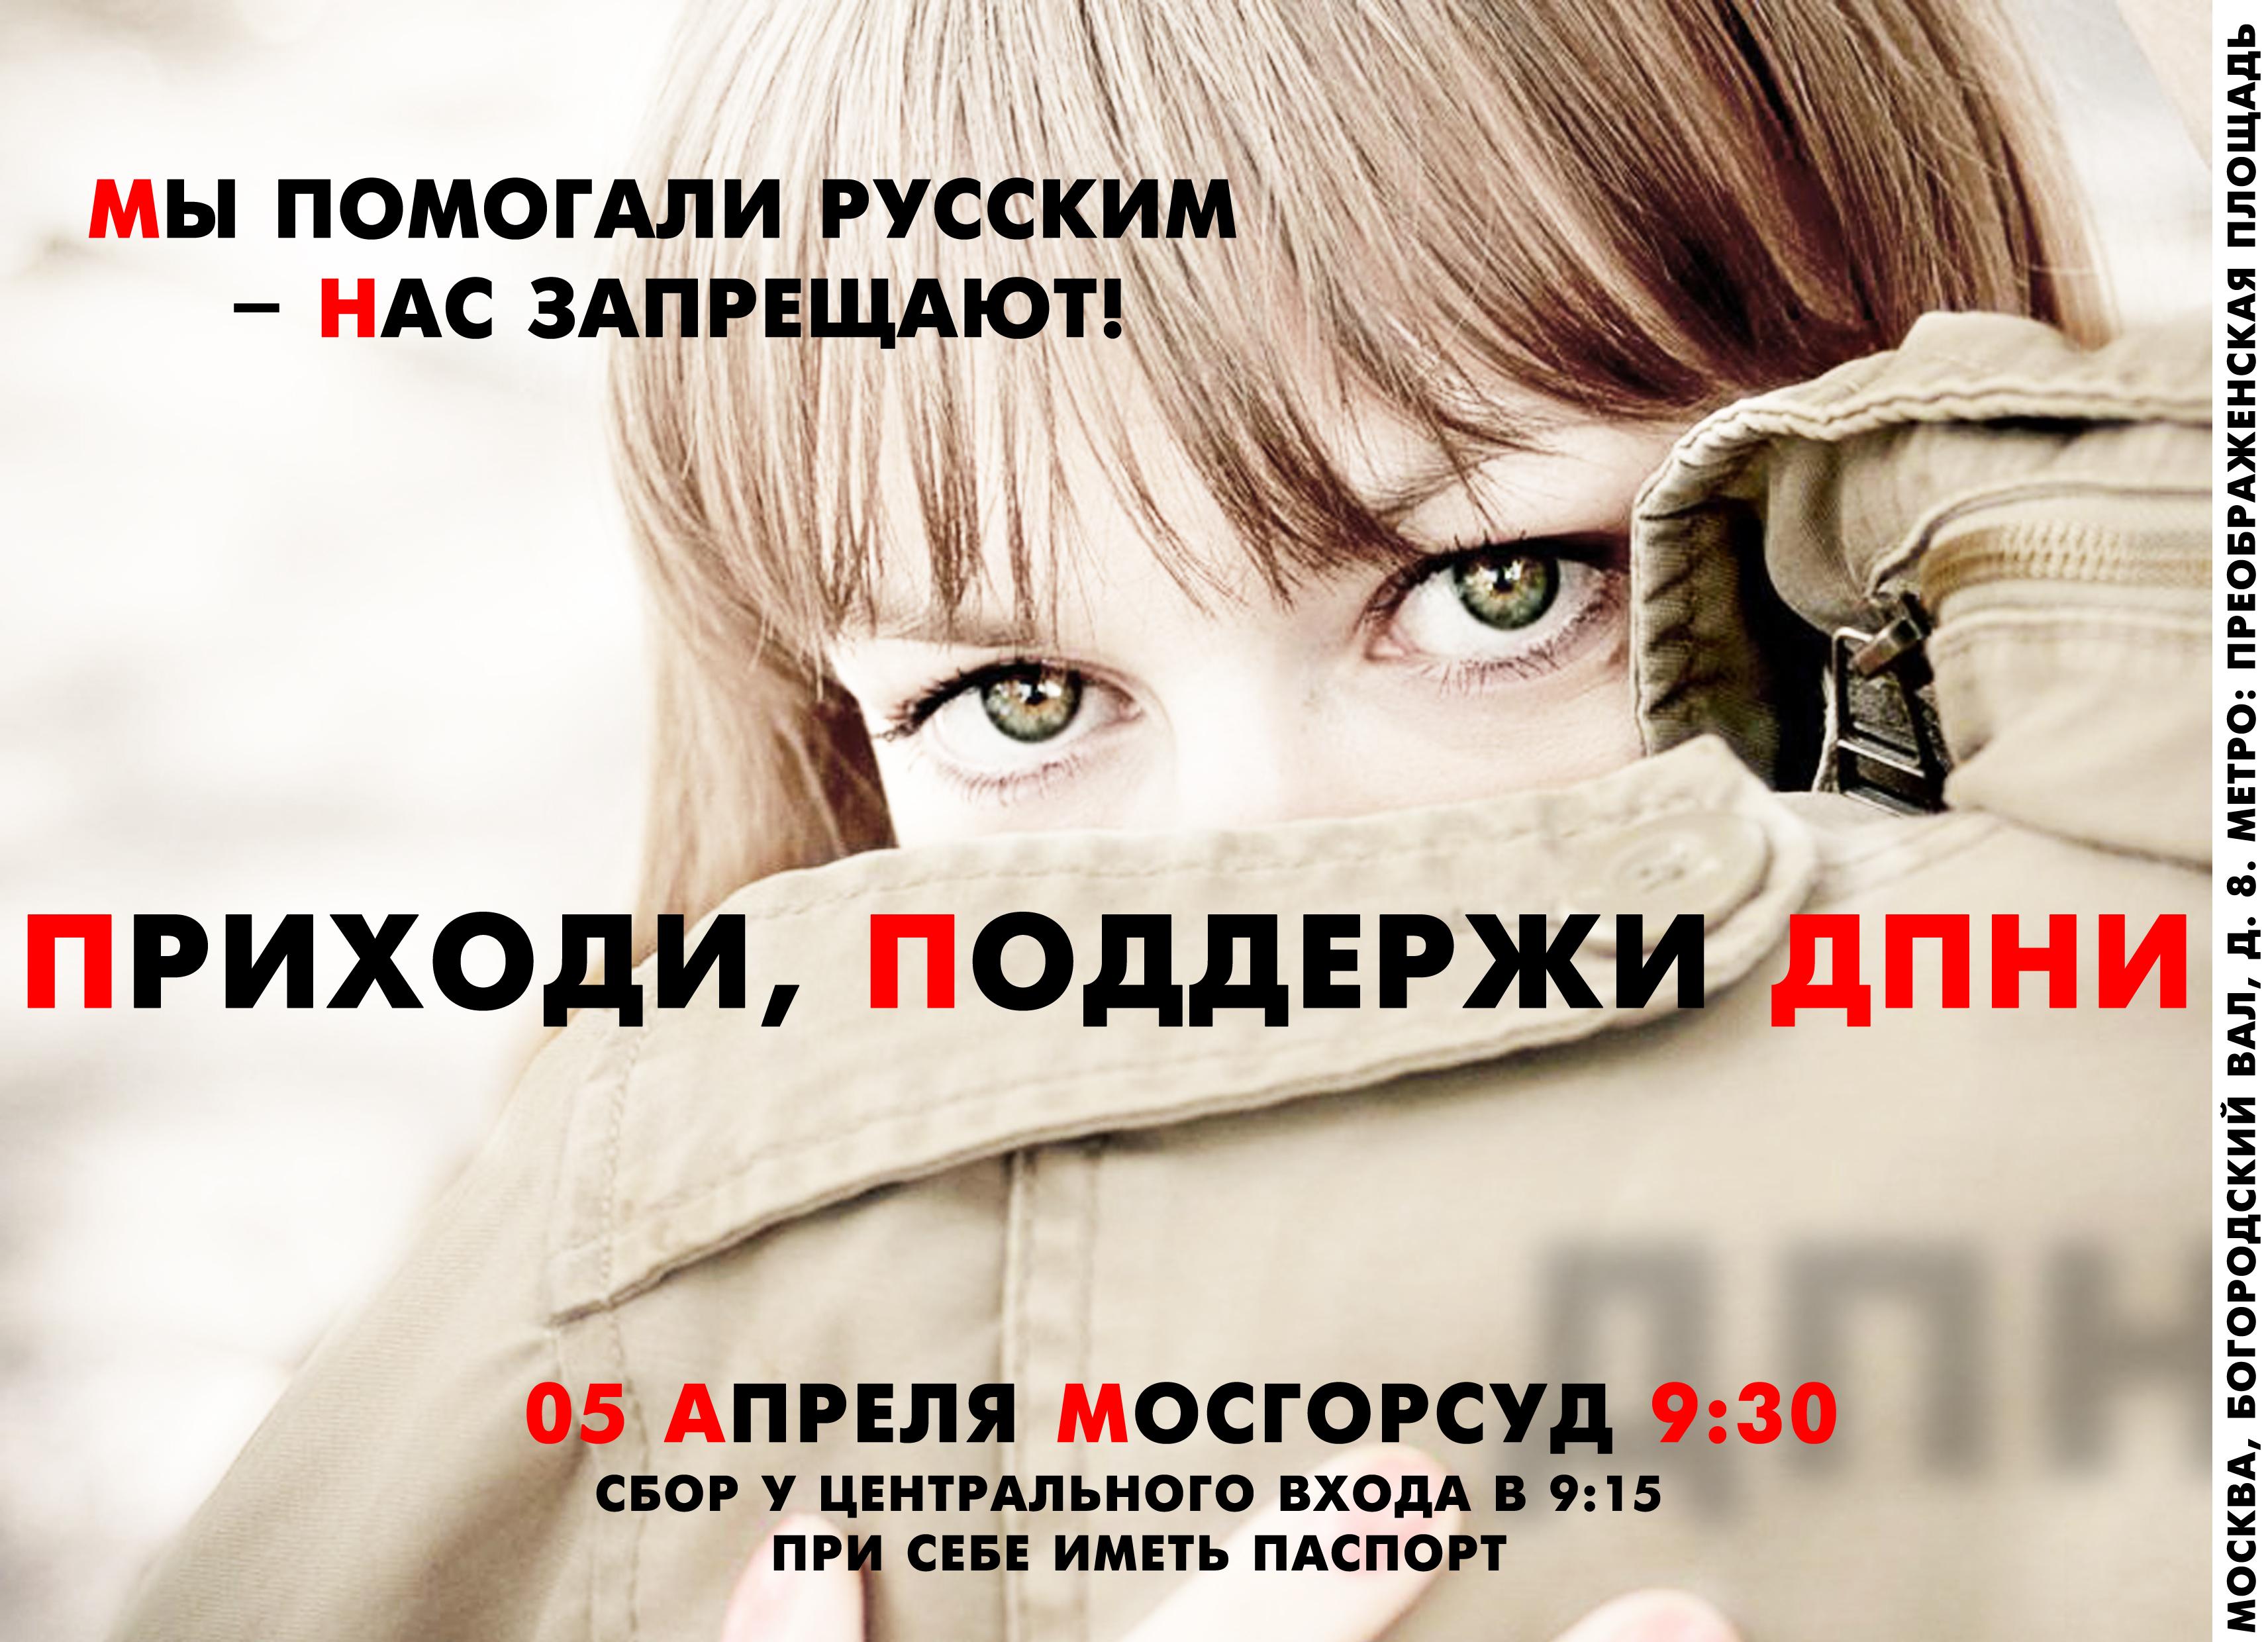 http://pics.livejournal.com/sofia_vb_888/pic/0030qdz5